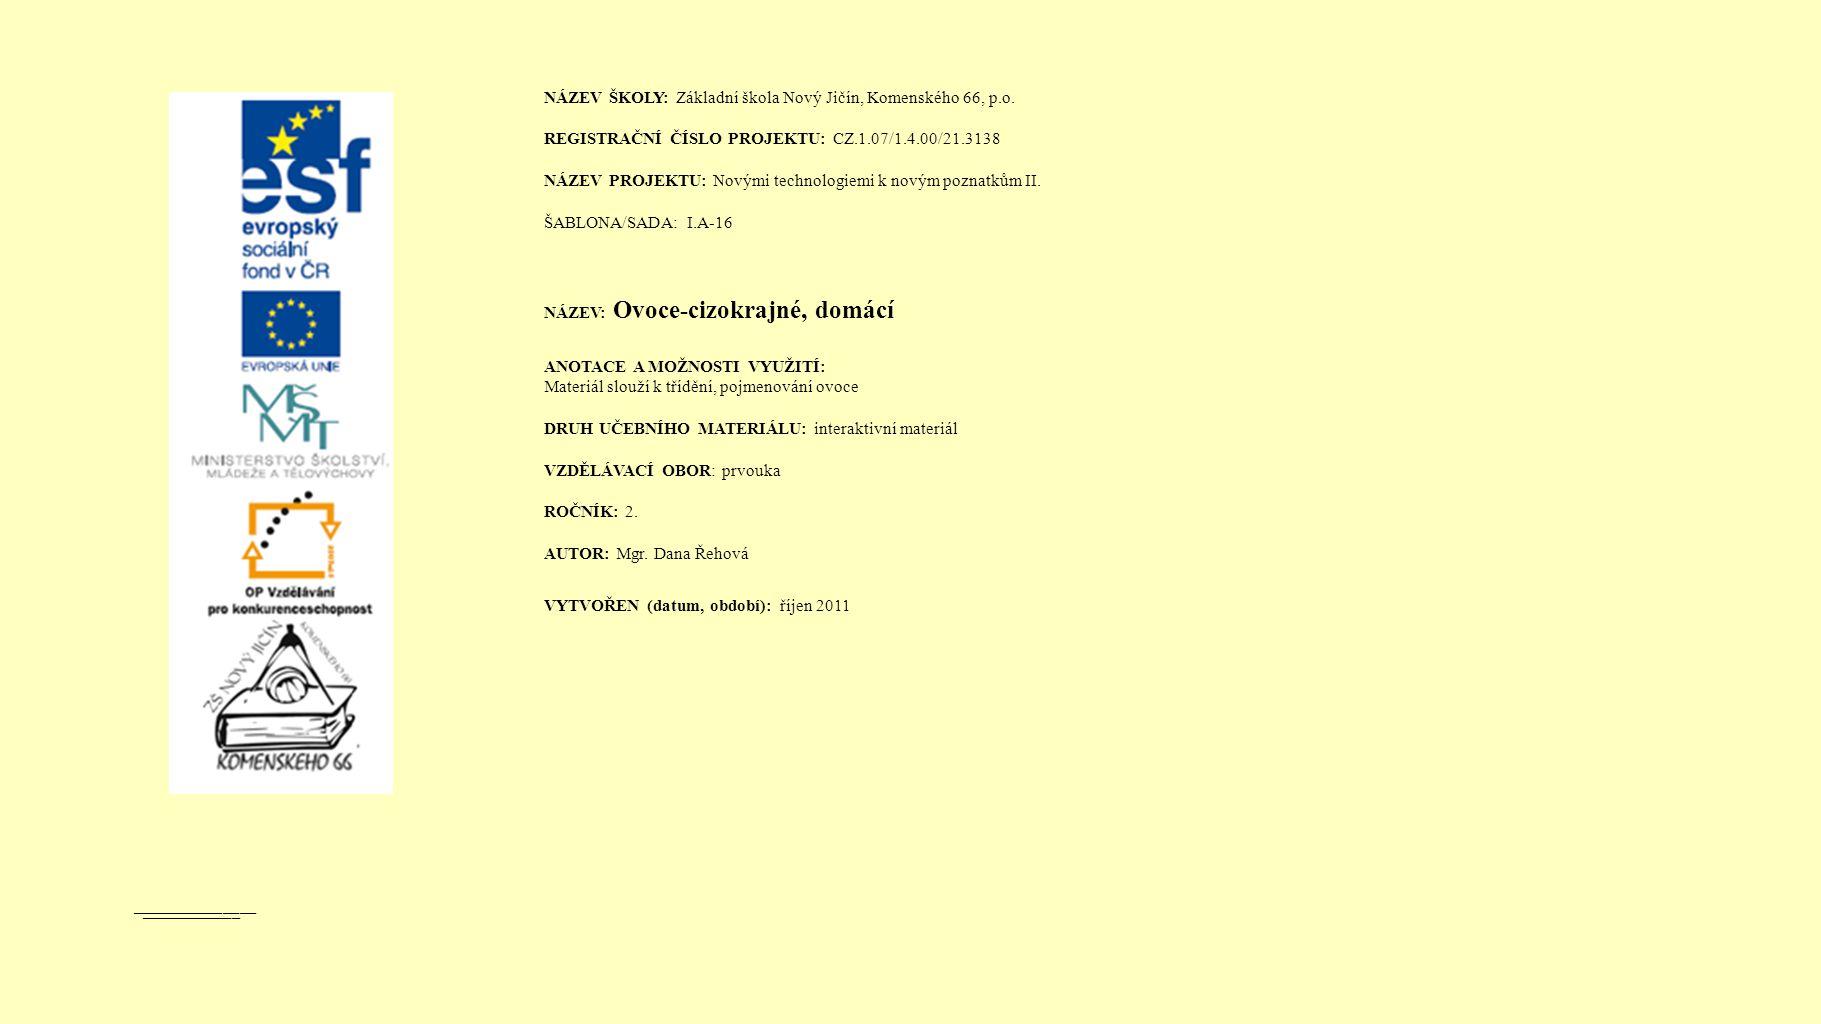 hlava _______________ ____________ NÁZEV ŠKOLY: Základní škola Nový Jičín, Komenského 66, p.o.